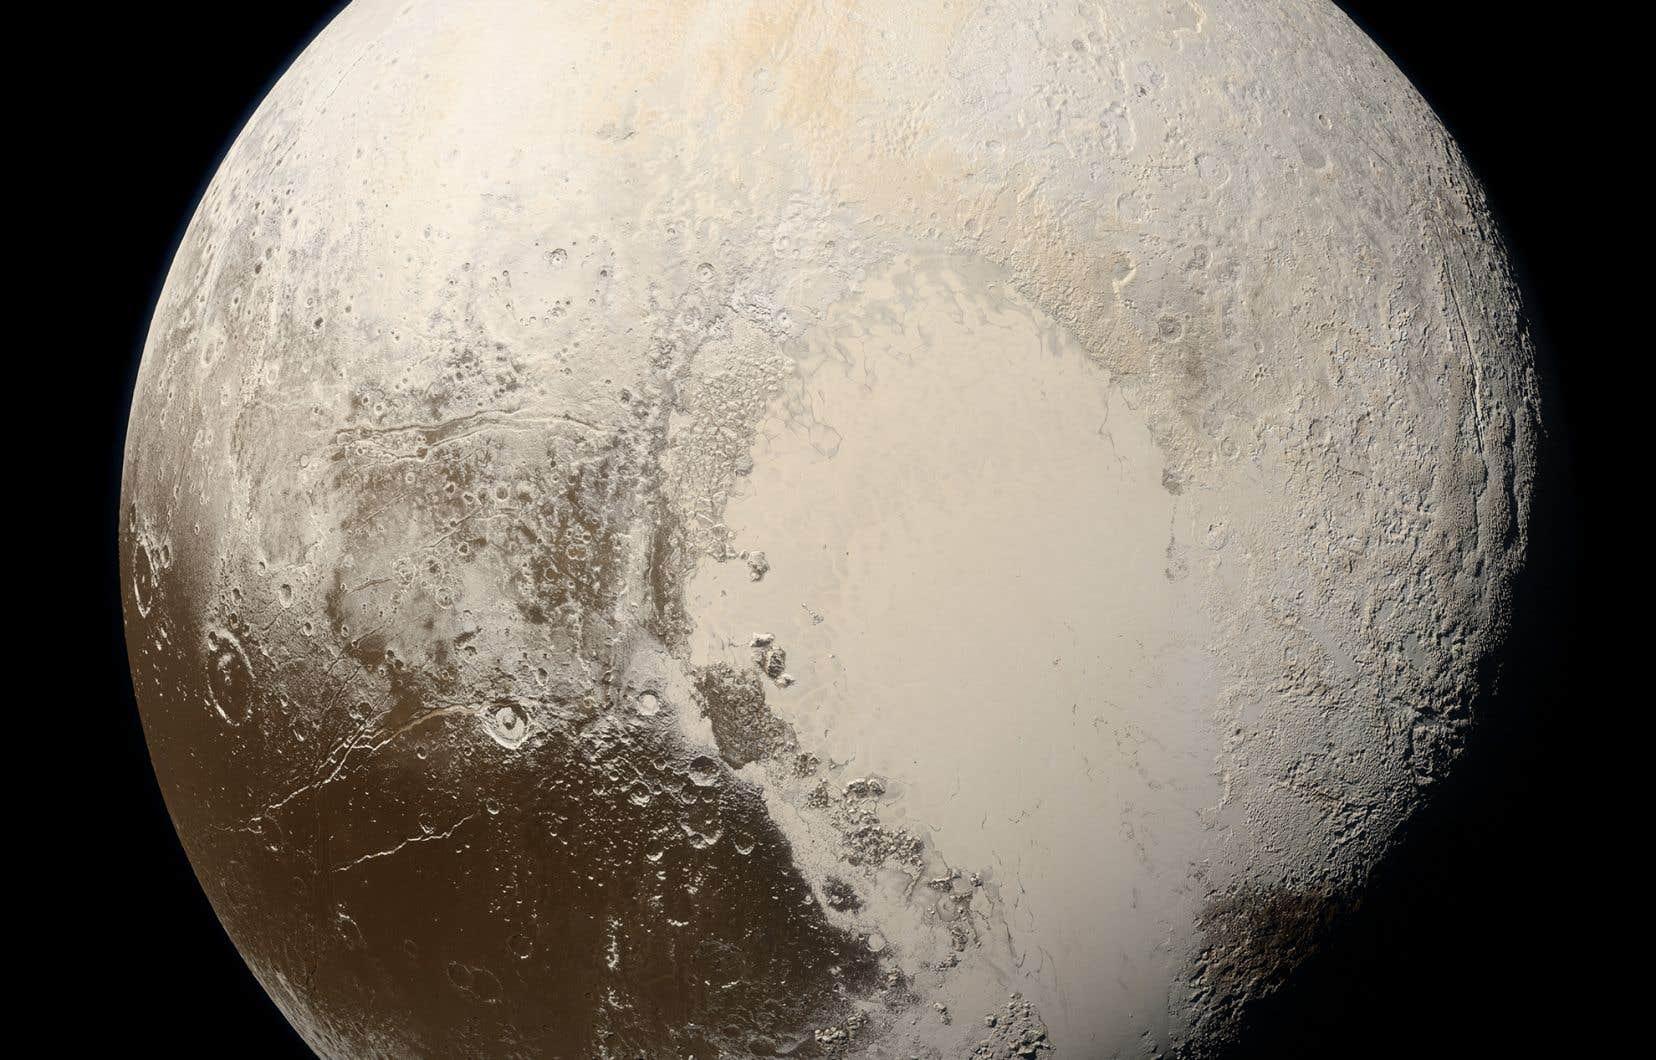 Il y aurait sur Pluton unemince couche de gaz, assez dense pour pouvoir agir comme un «isolant» et faire en sorte qu'unepartie de l'eau souterraine ne gèle pas.